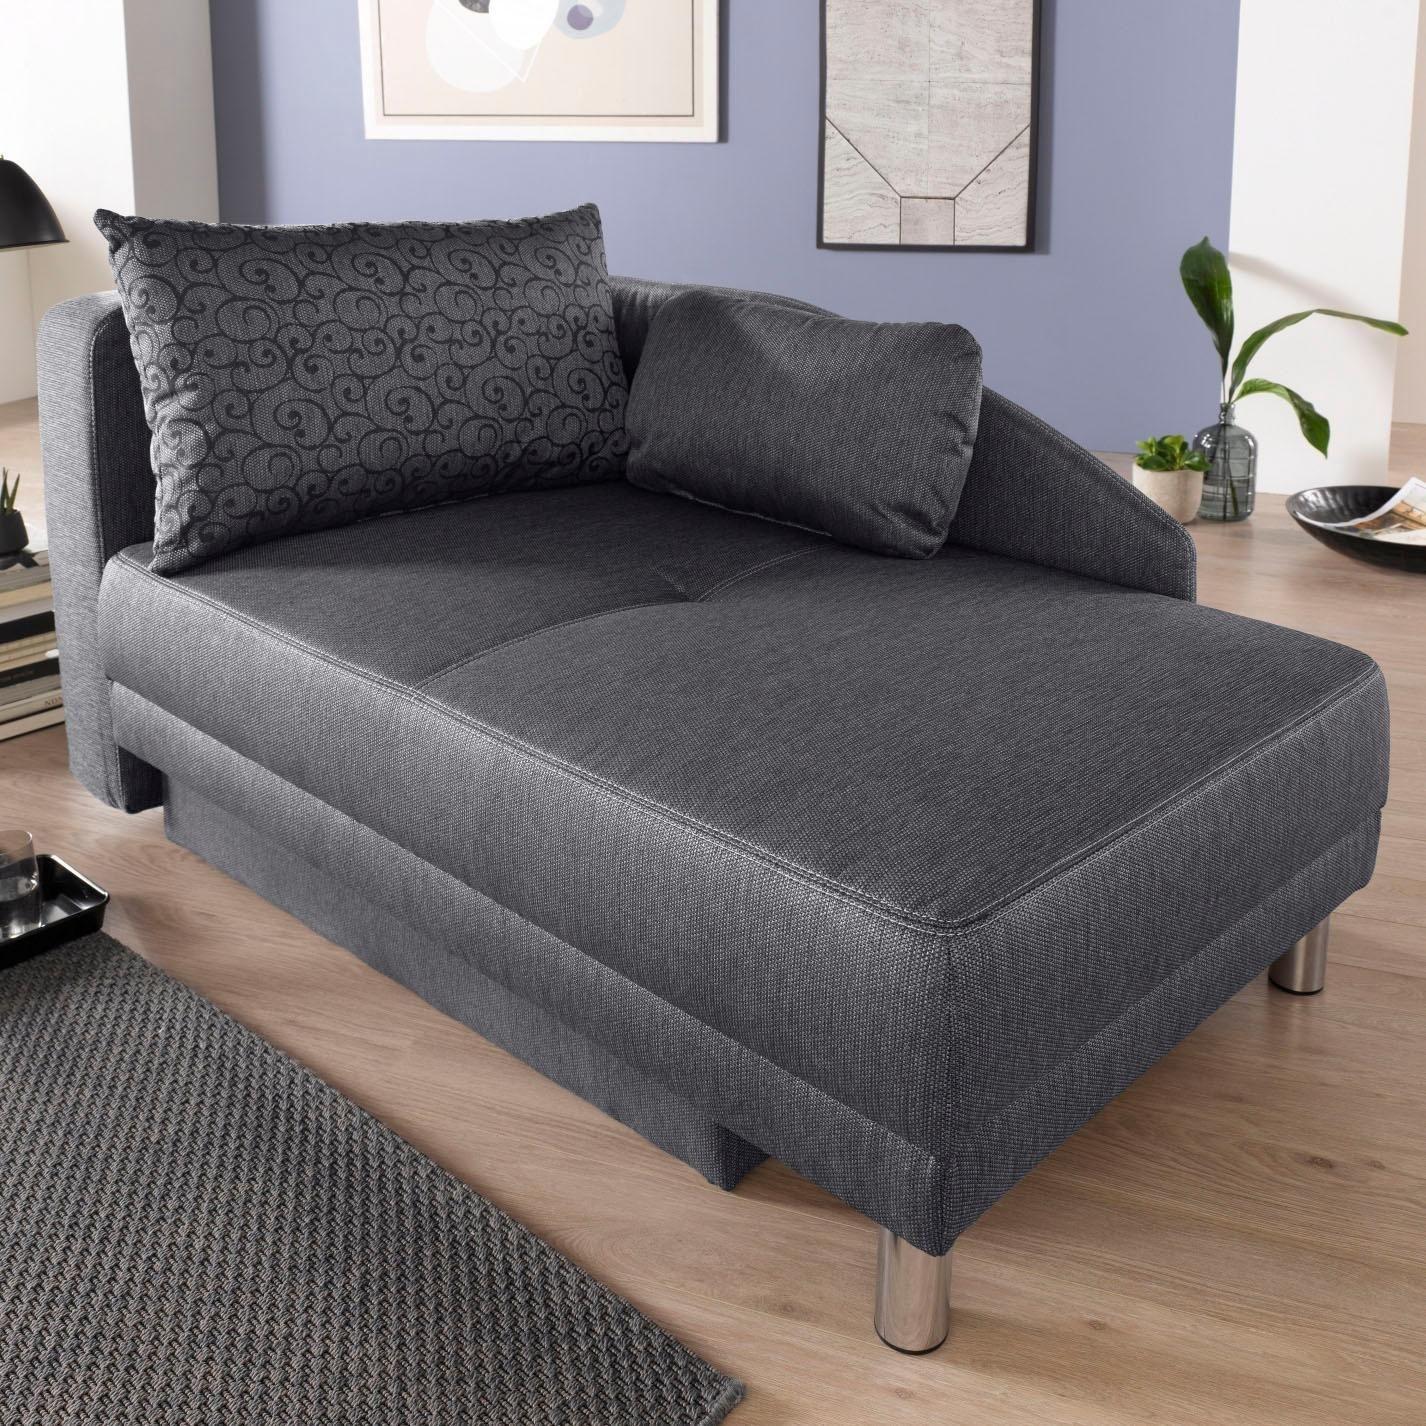 Jockenhofer Gruppe Recamiere Kaufen Baur Recamiere Mit Schlaffunktion Couch Mobel Big Sofa Mit Schlaffunktion